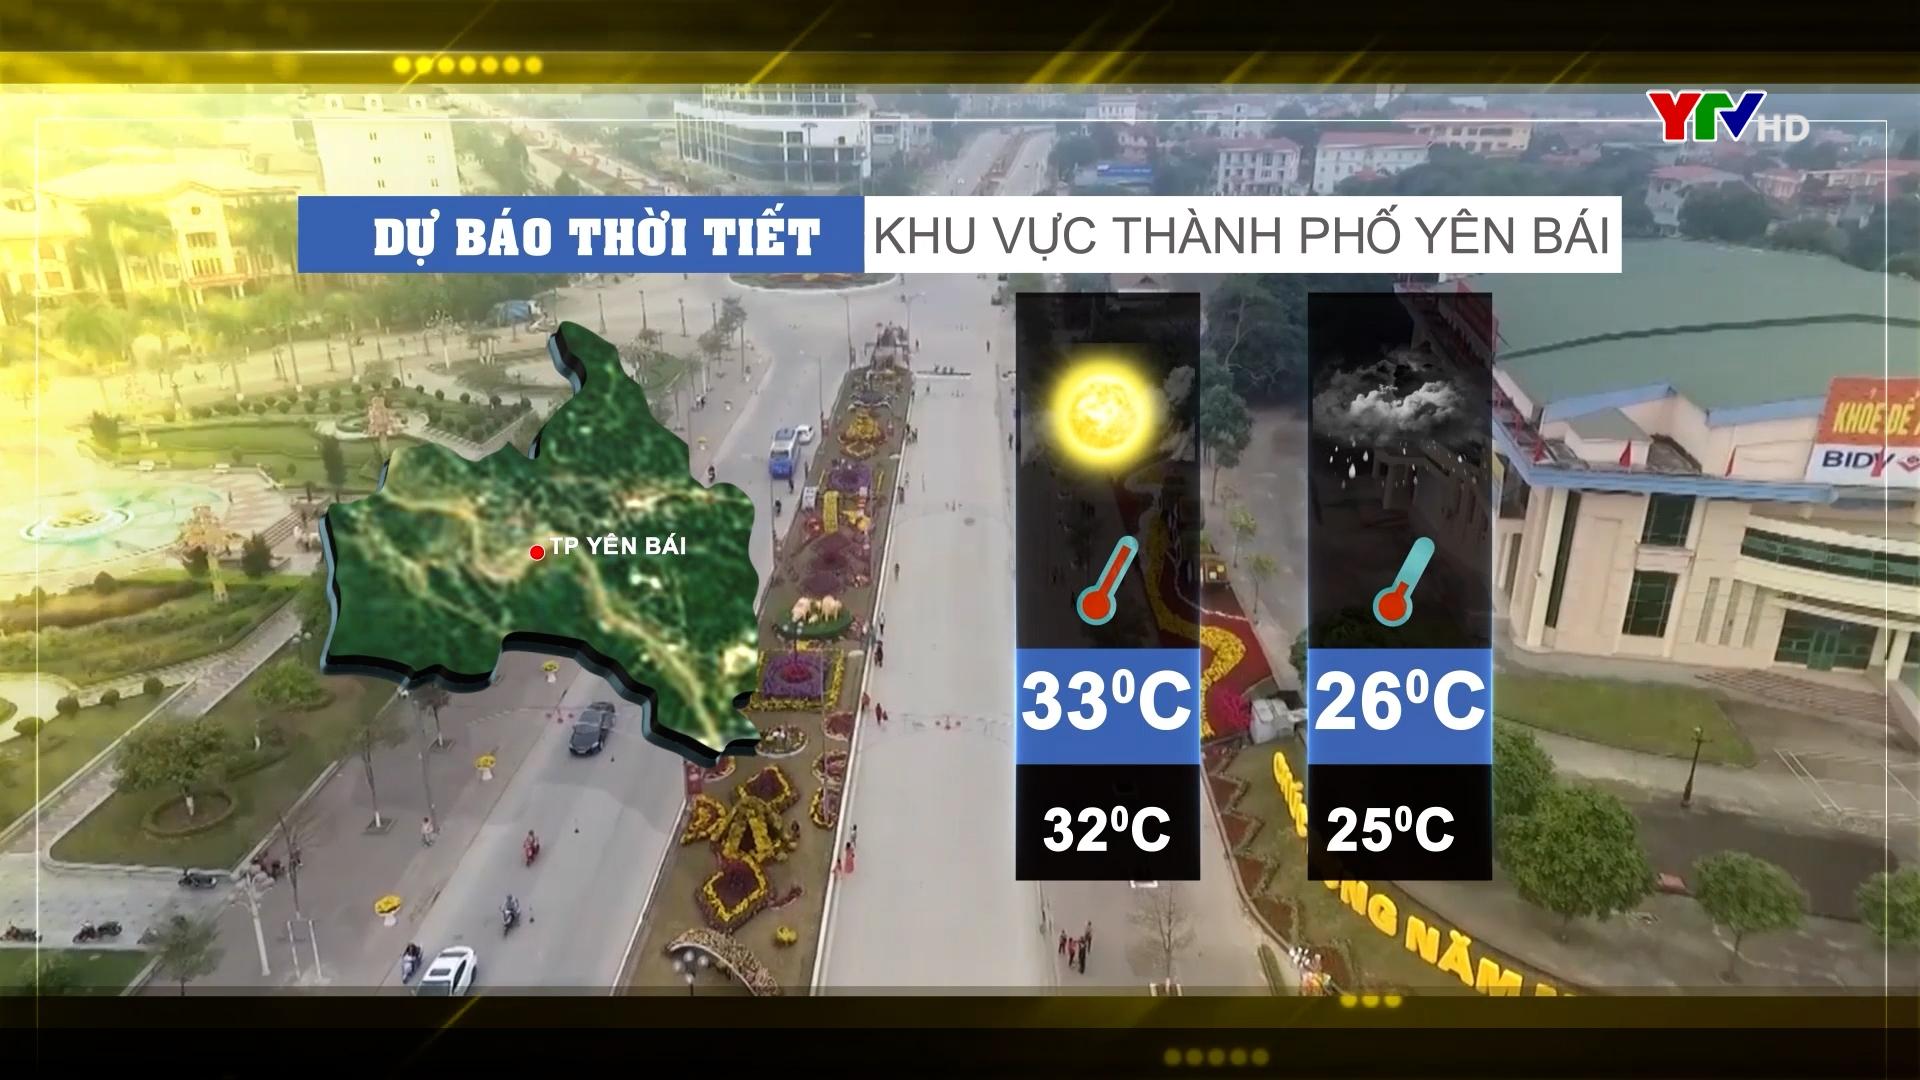 Dự báo thời tiết ngày 16 tháng 5 năm 2021